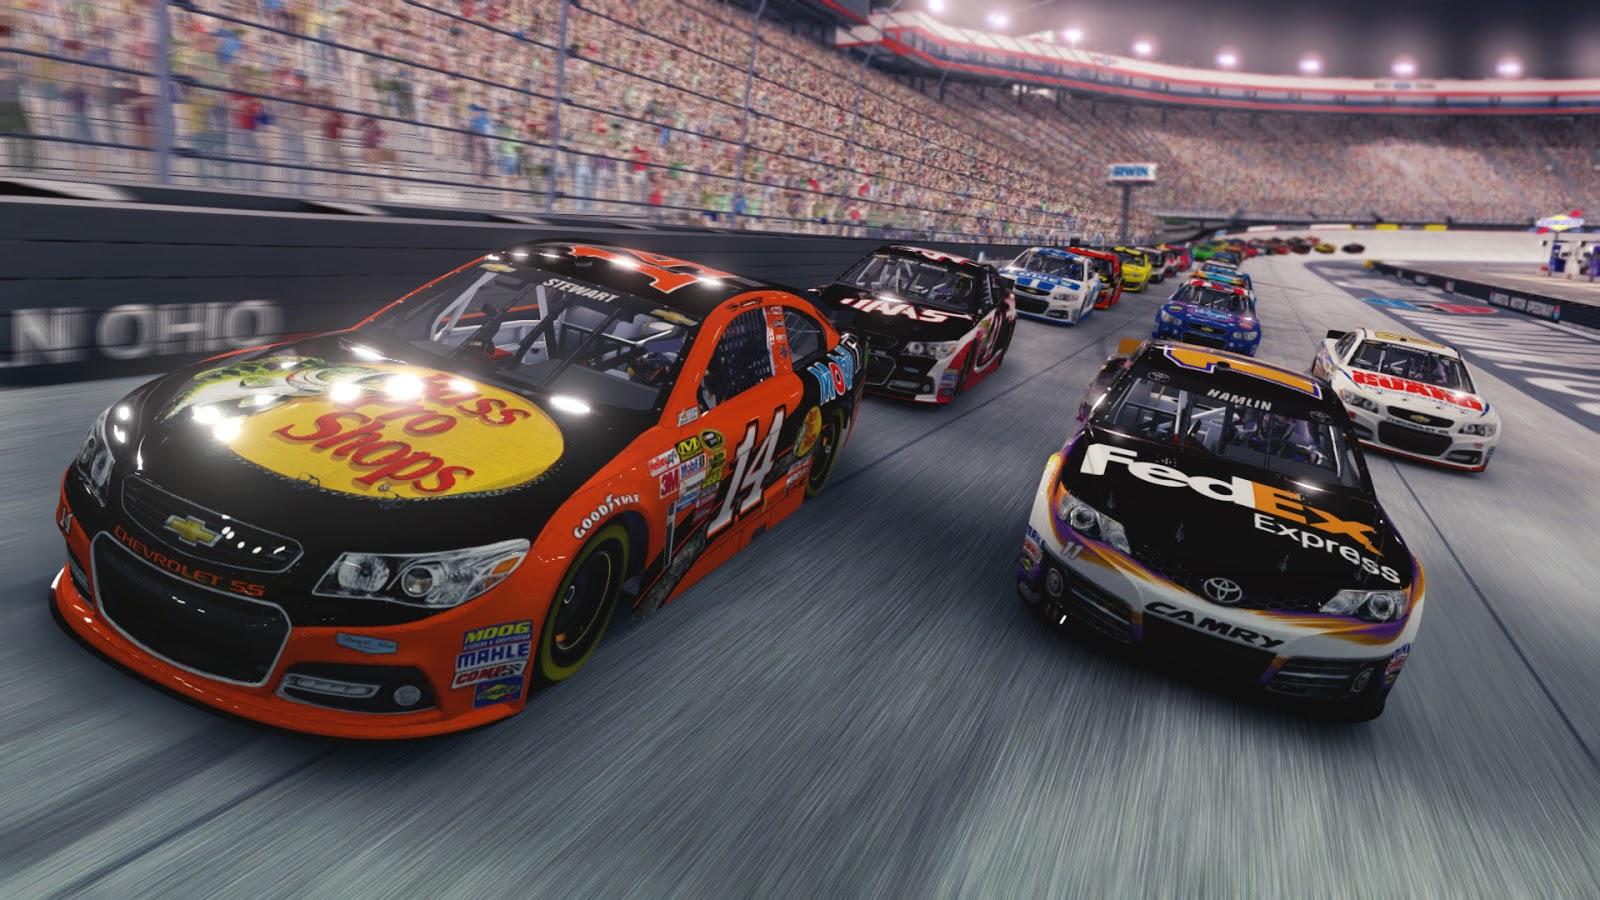 NASCAR'14 Screenshot 1 - Ohgamegratis 1